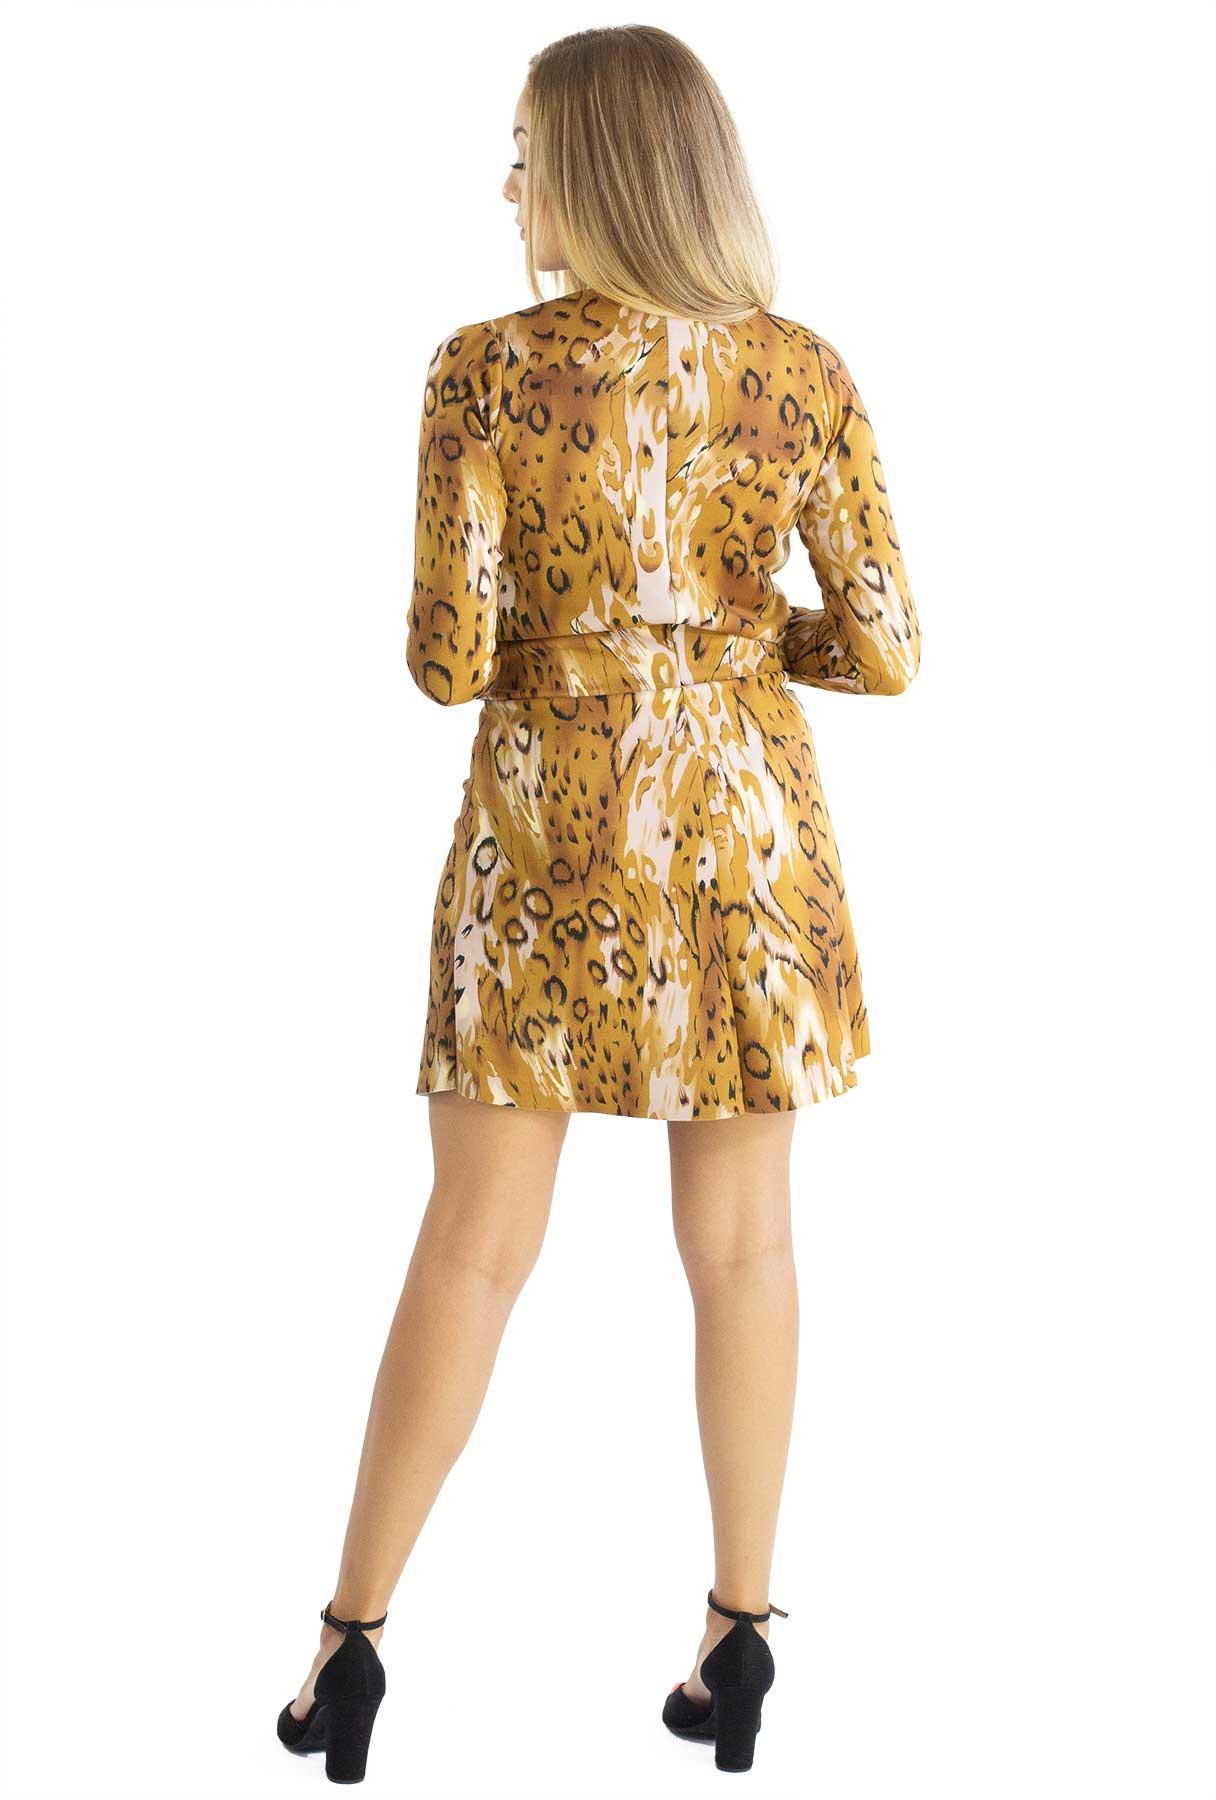 e95250a84 NotoriaStore: Moda Feminina Florianópolis - Online Vestido Santinho